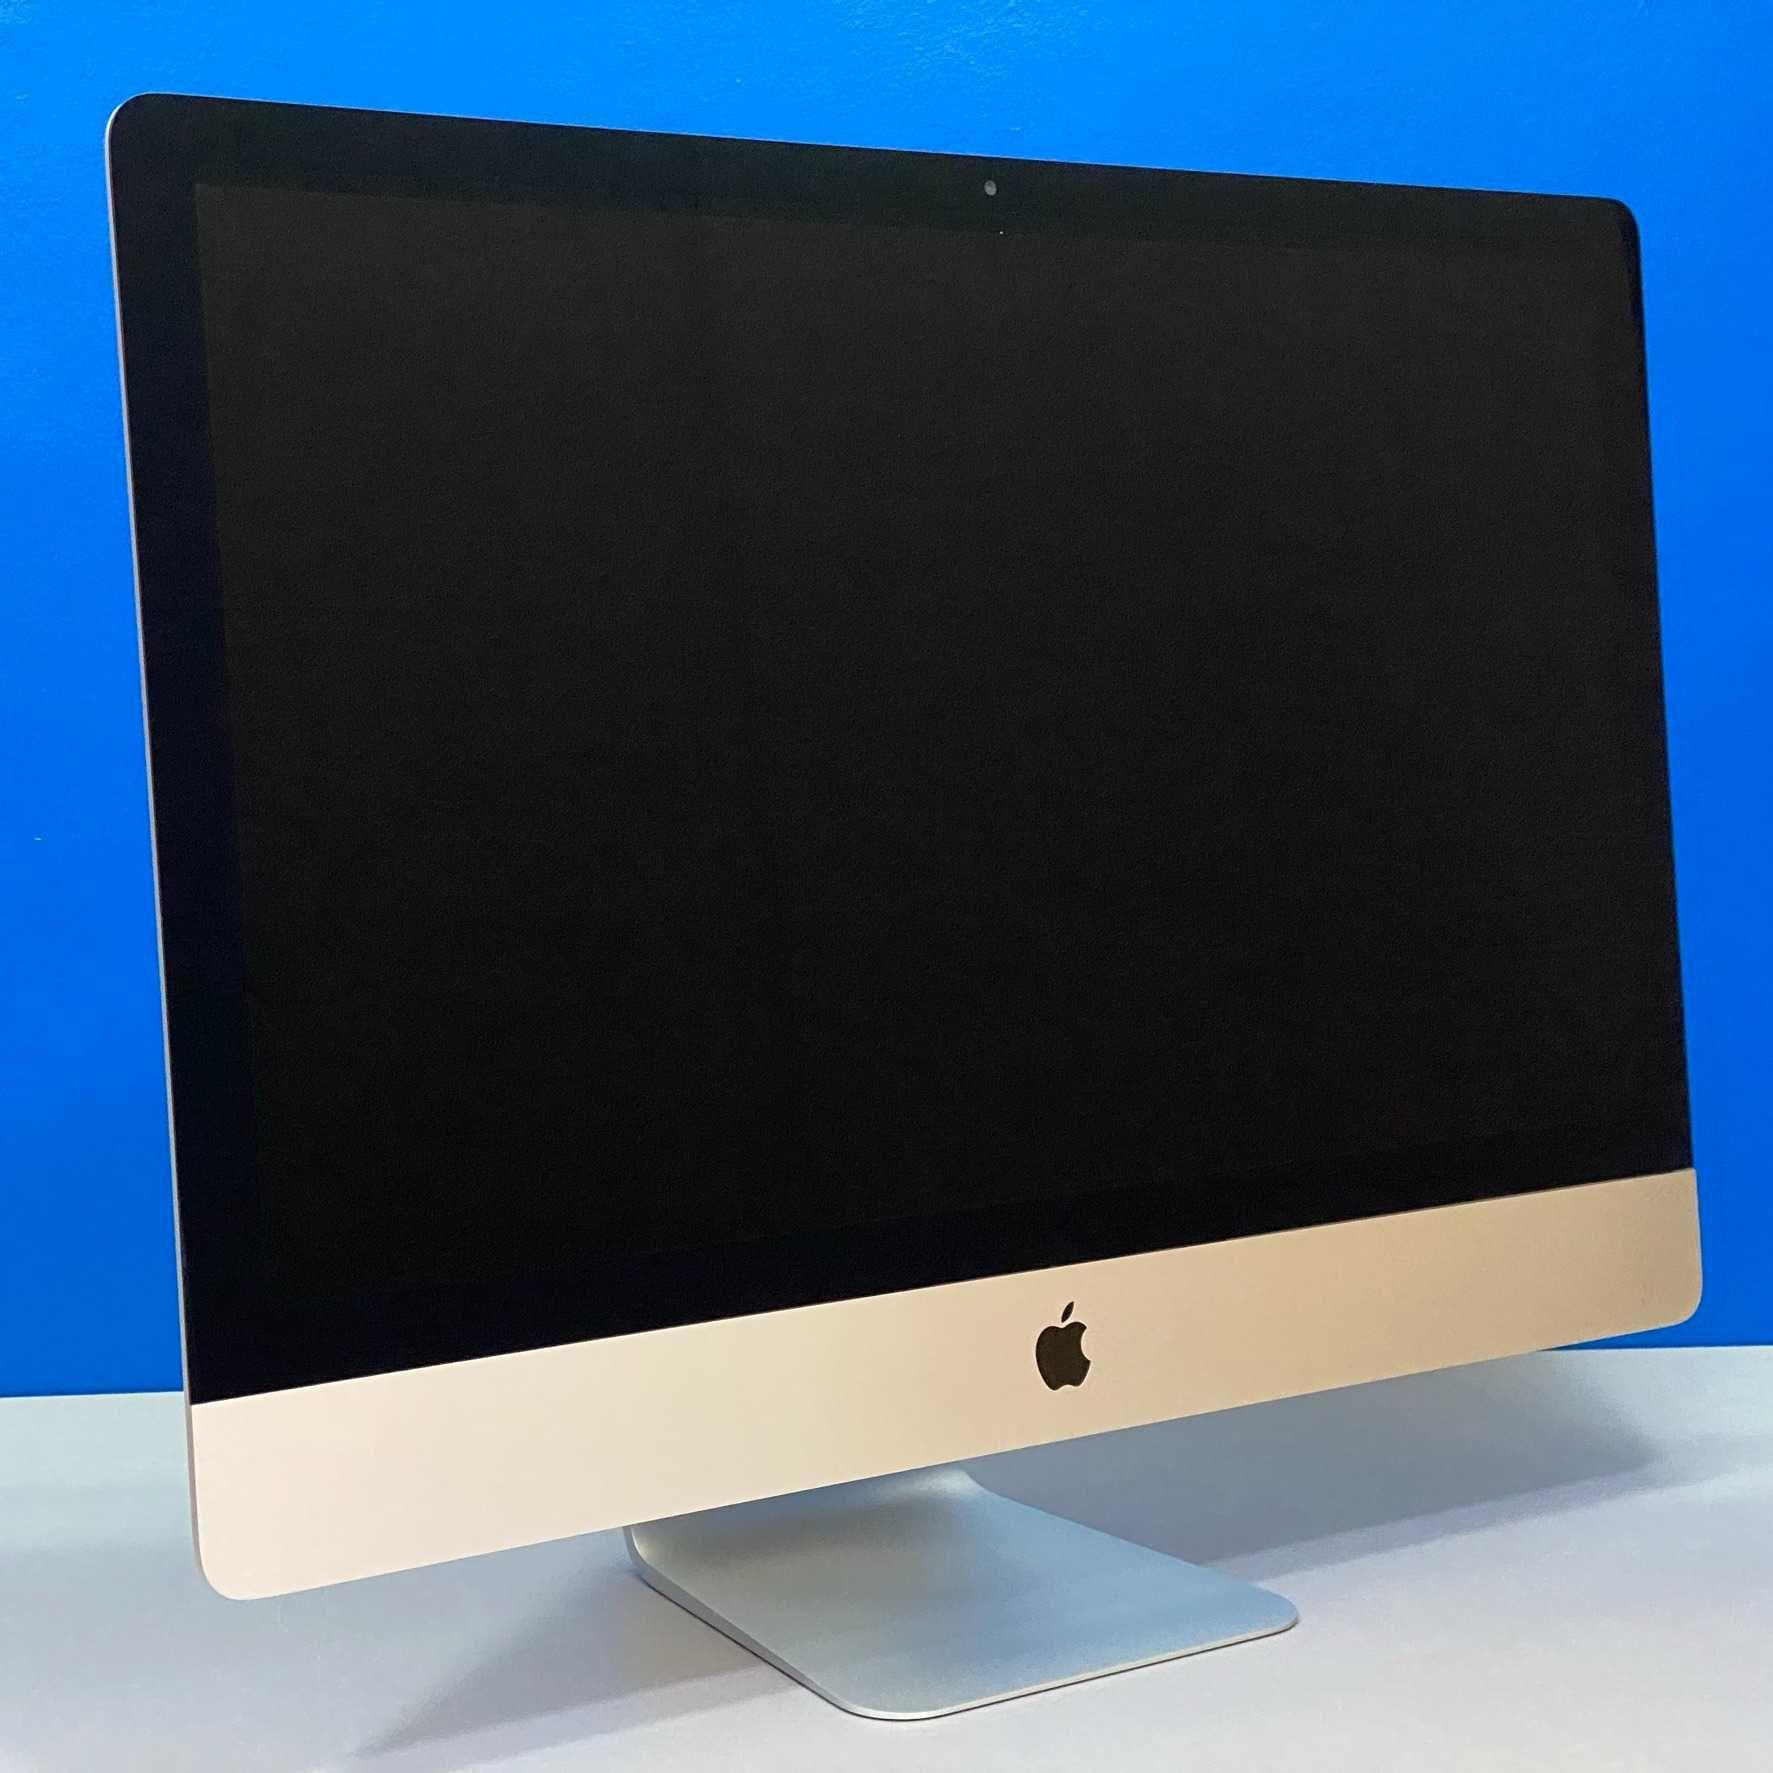 """Apple iMac 27"""" 5K - A1419 - Late 2015 (i5/16GB/512GB SSD/R9 M380 2GB)"""